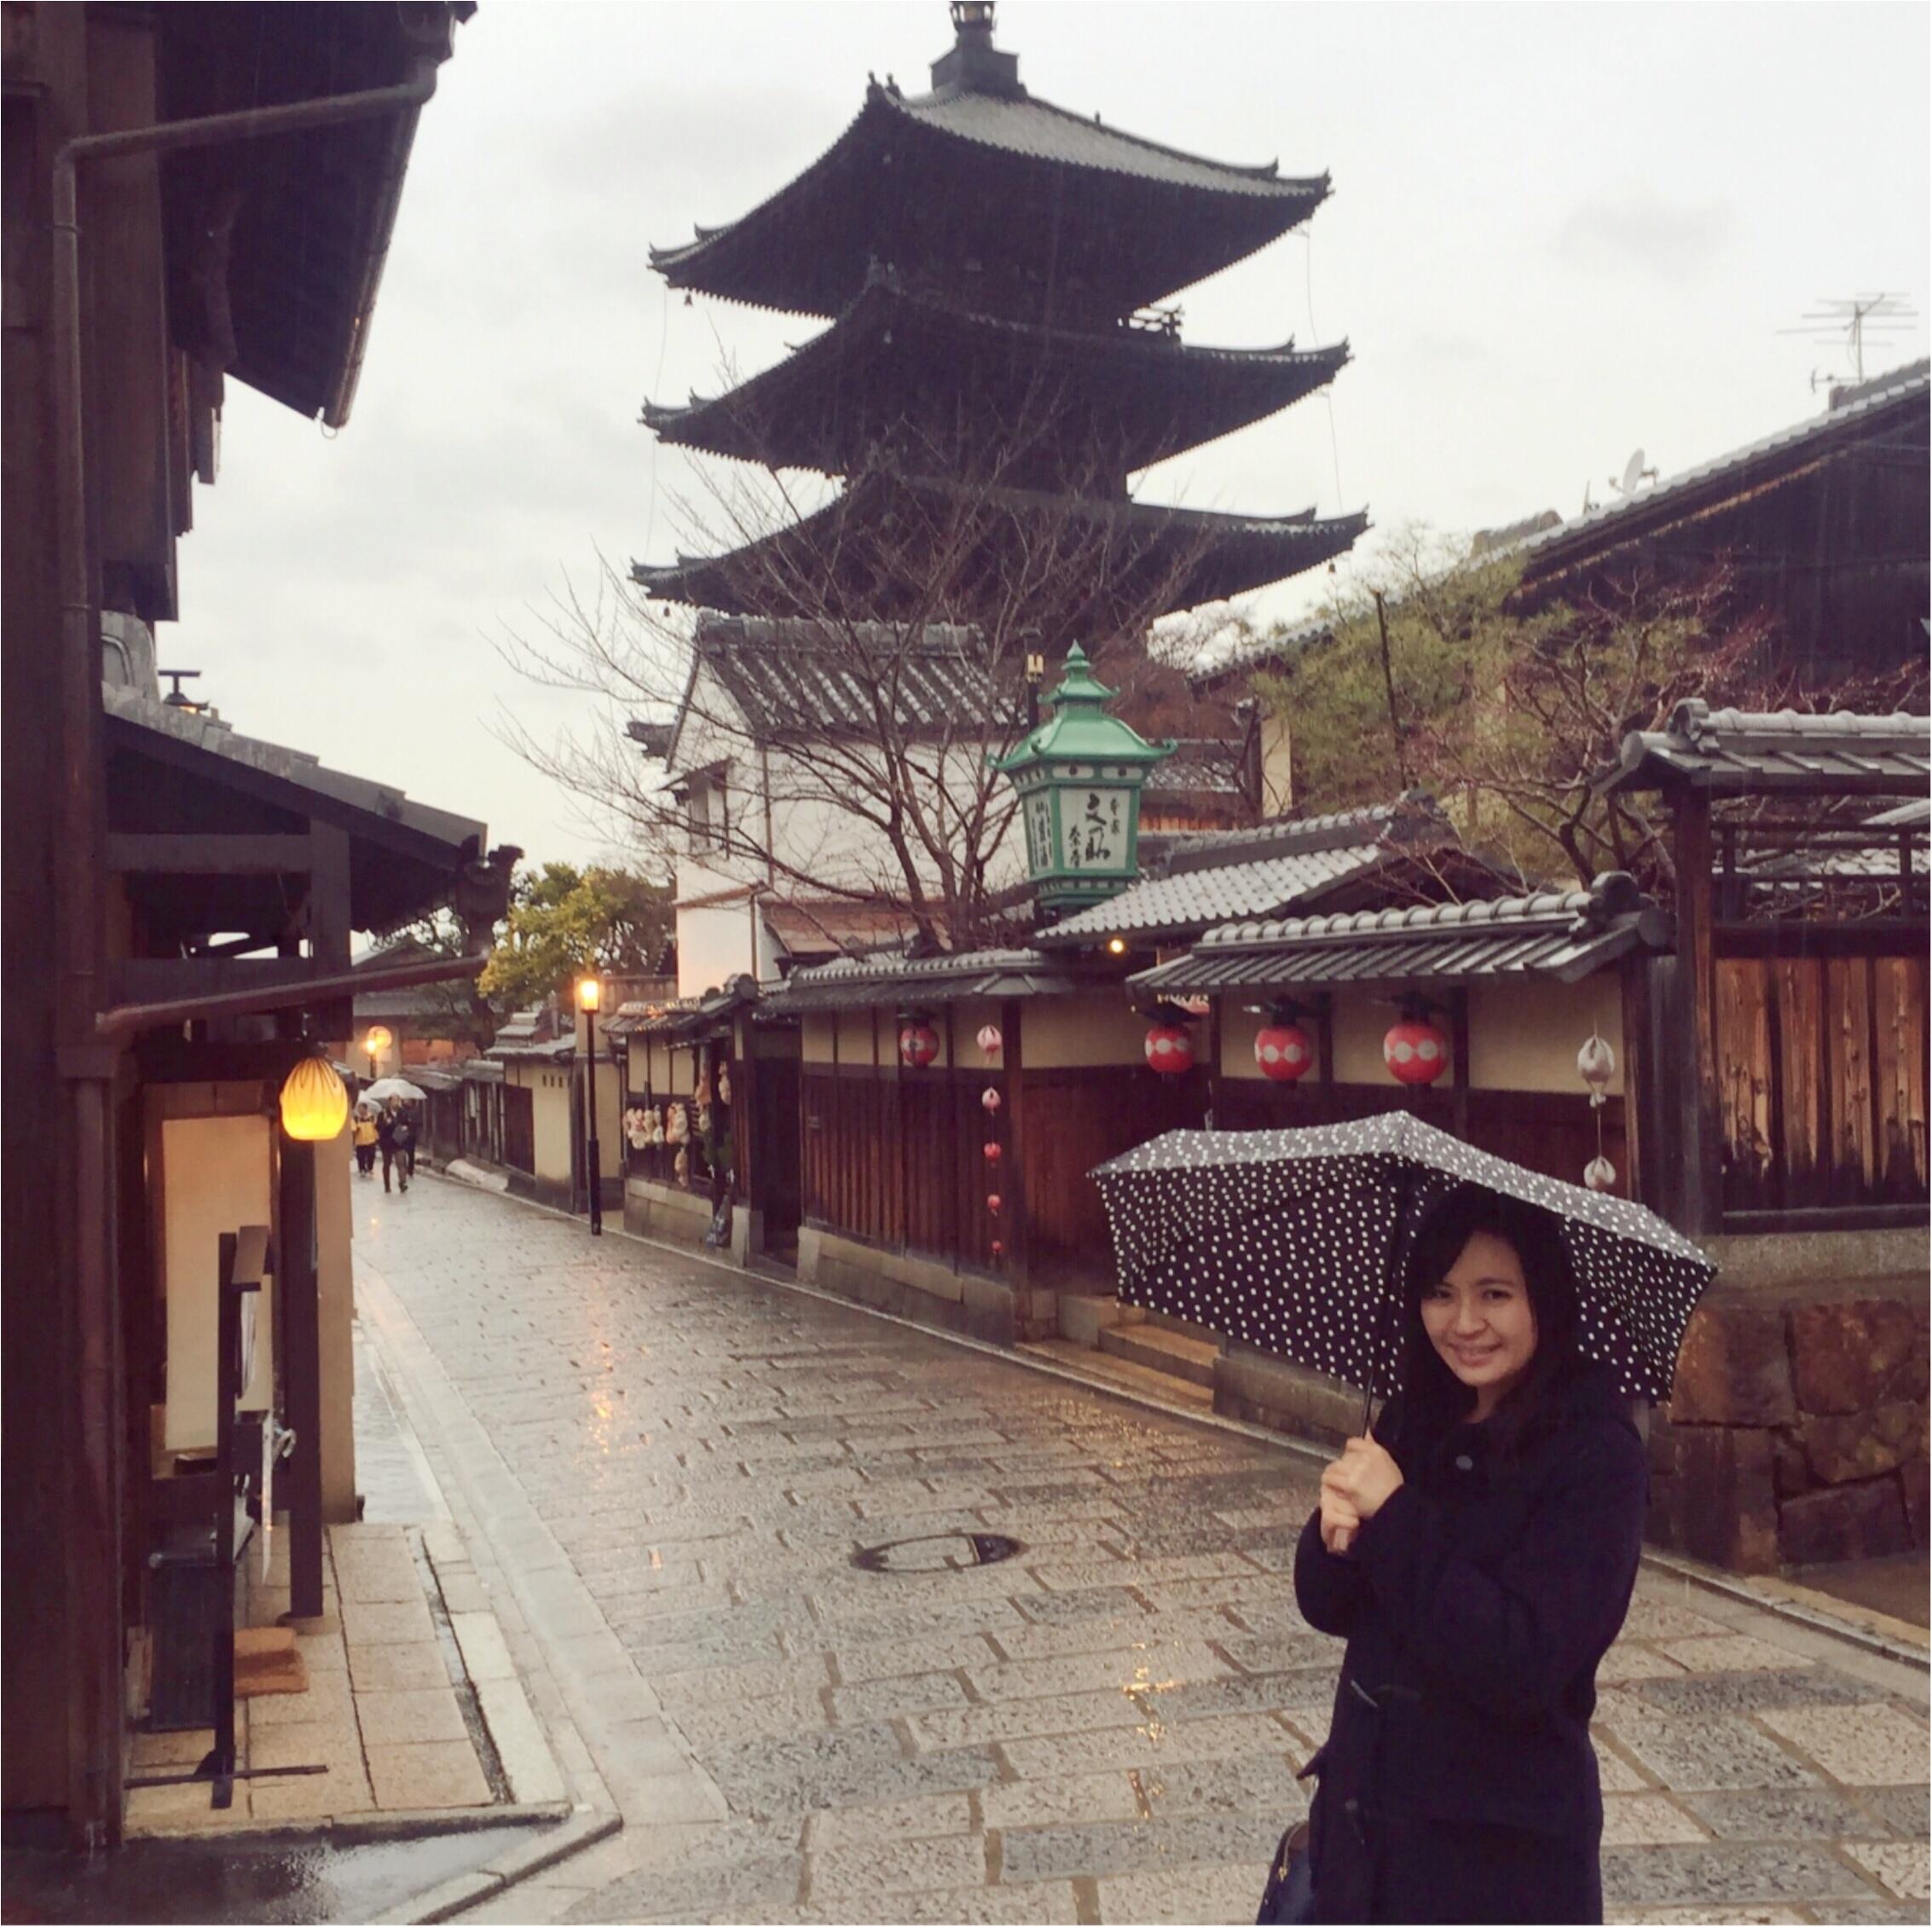 京都らしさを楽しむことができちゃう町家カフェ!えんがわカフェ♡_5